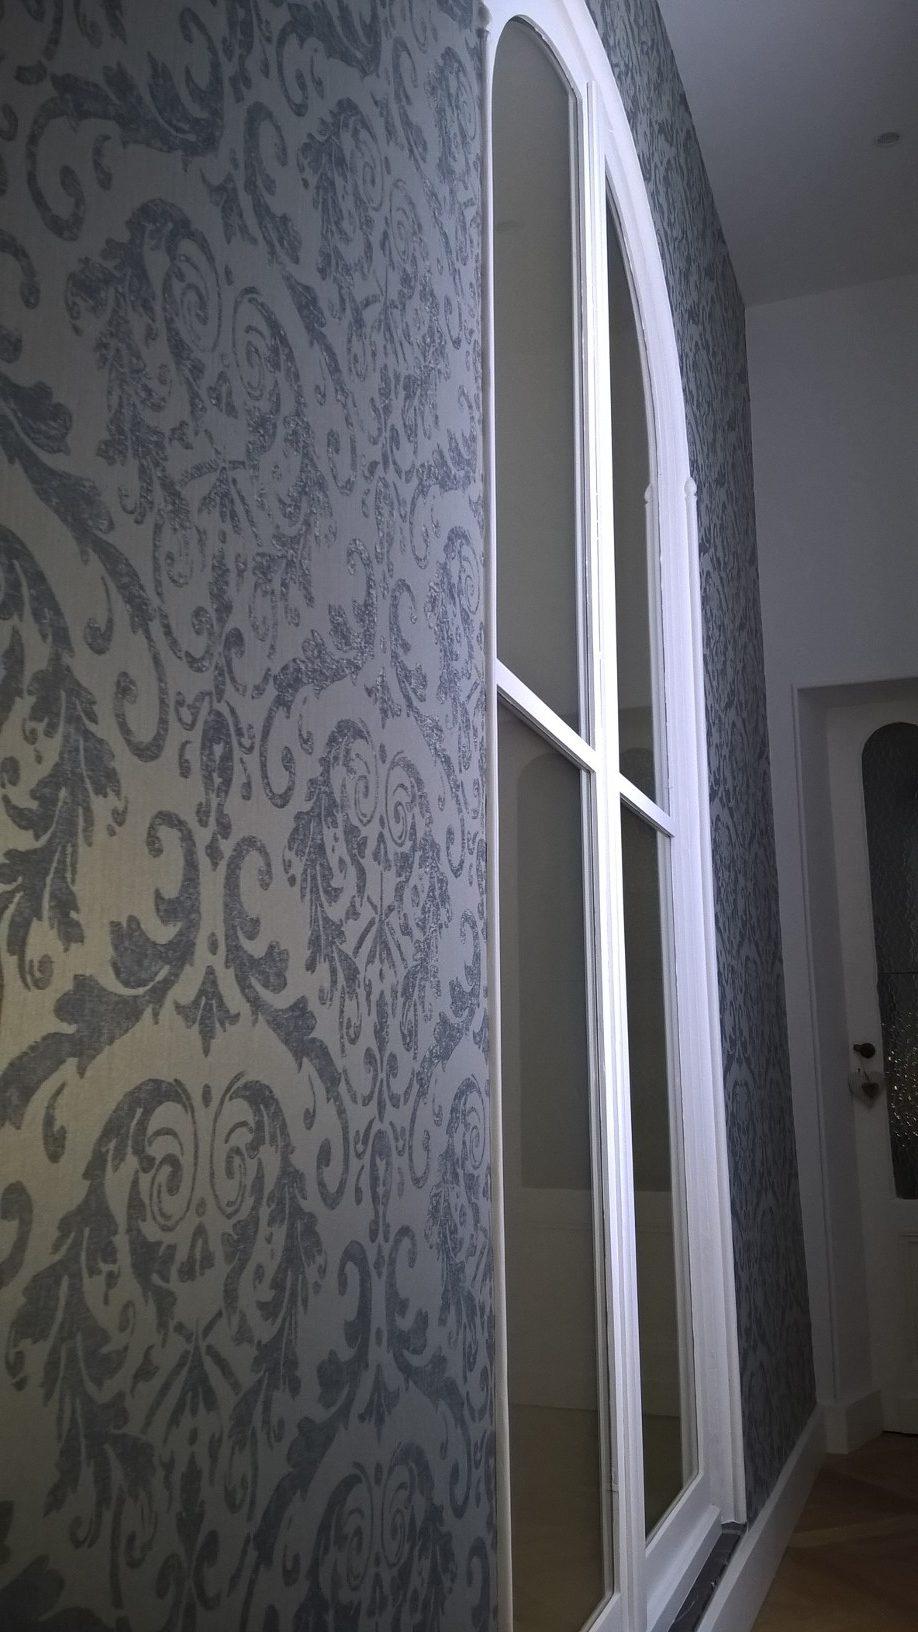 Couloir Papier Peint Arborescence Sud Ouest Arborescence Sud Ouest